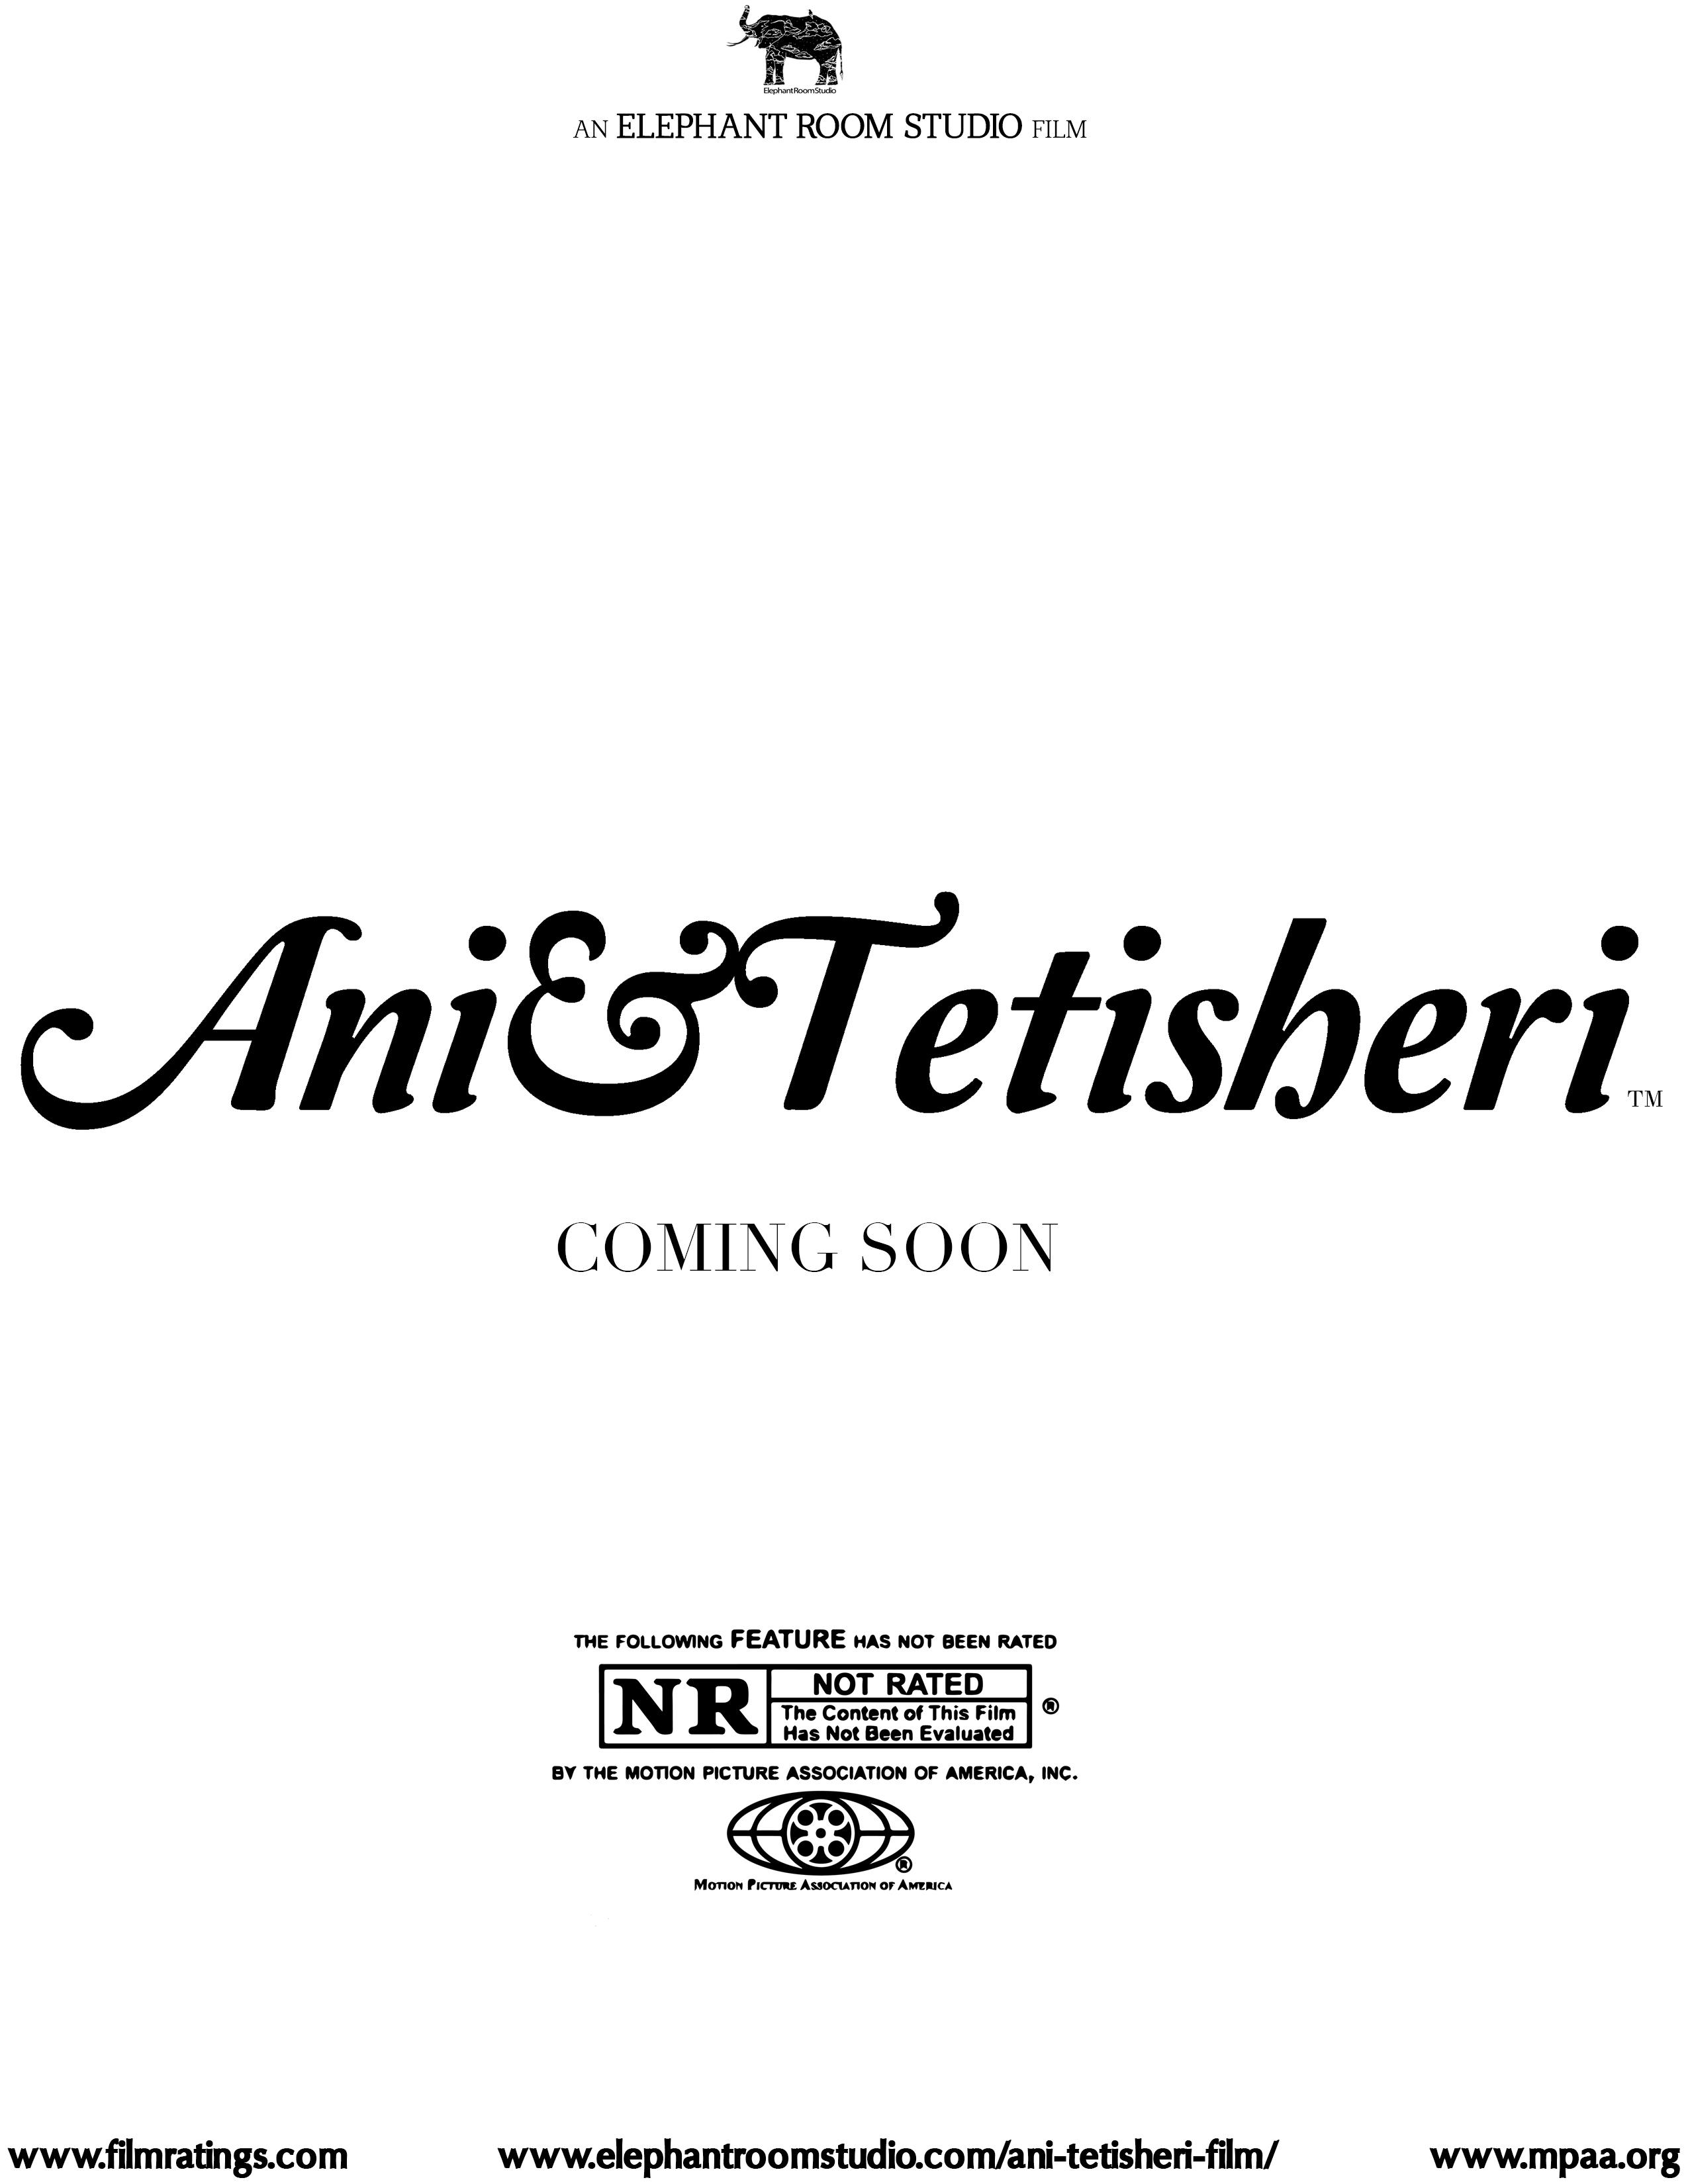 Ani-&-Tetisheri-TM-Coming-Soon-Poster-1